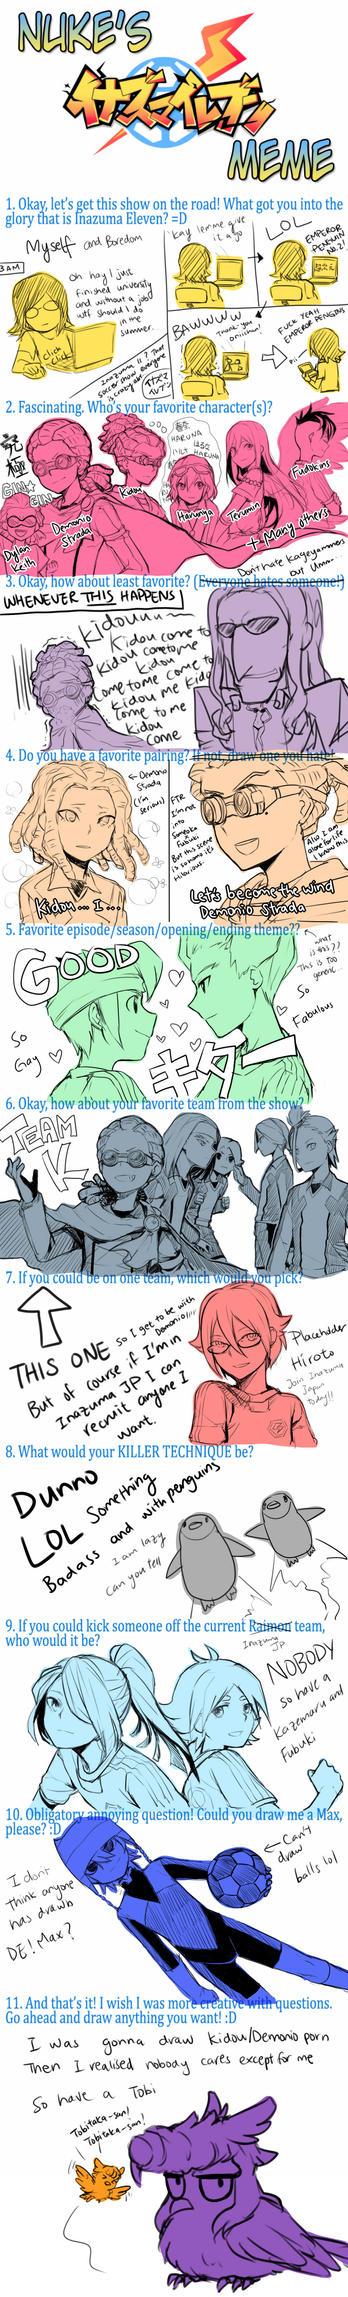 Inazuma Eleven Meme yaayyyy by Cezaria